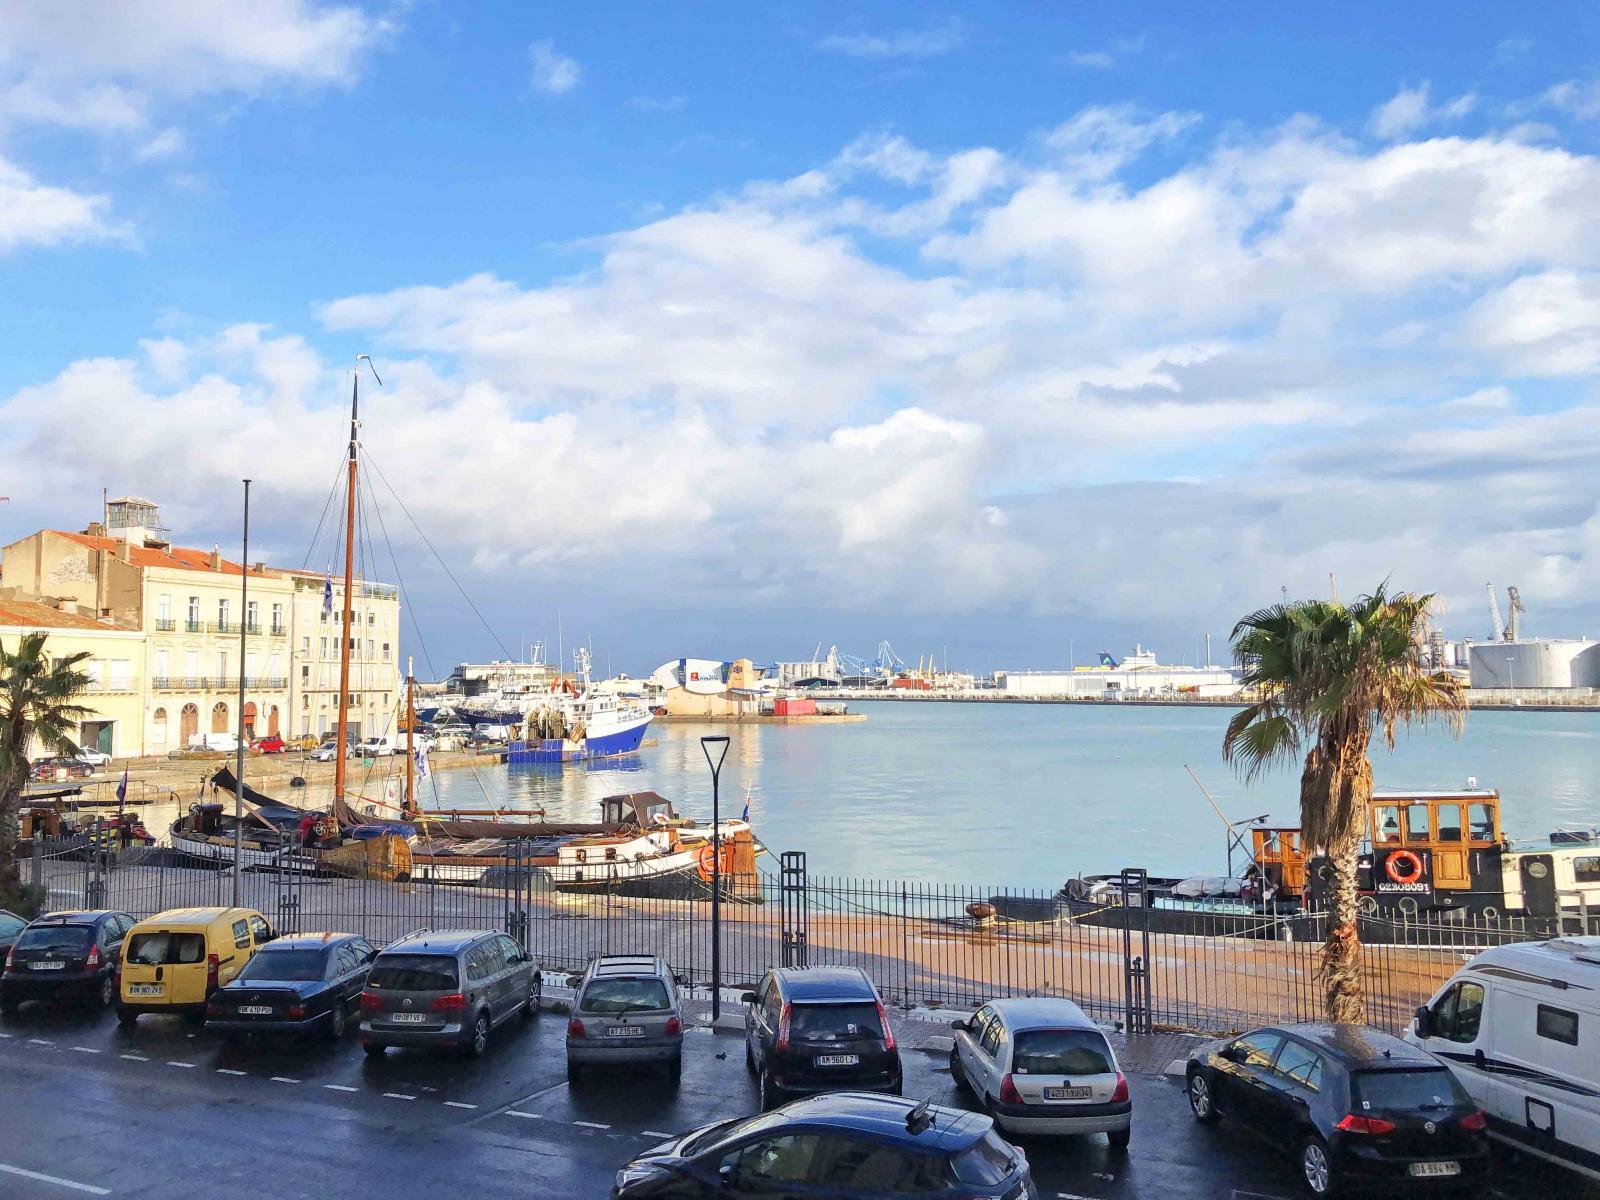 Franska Sète har en viktig fiskehamn. Nu ligger båtarna i hamn tills vidare. Bilden tagen efter att utegångsförbudet trädde i kraft.